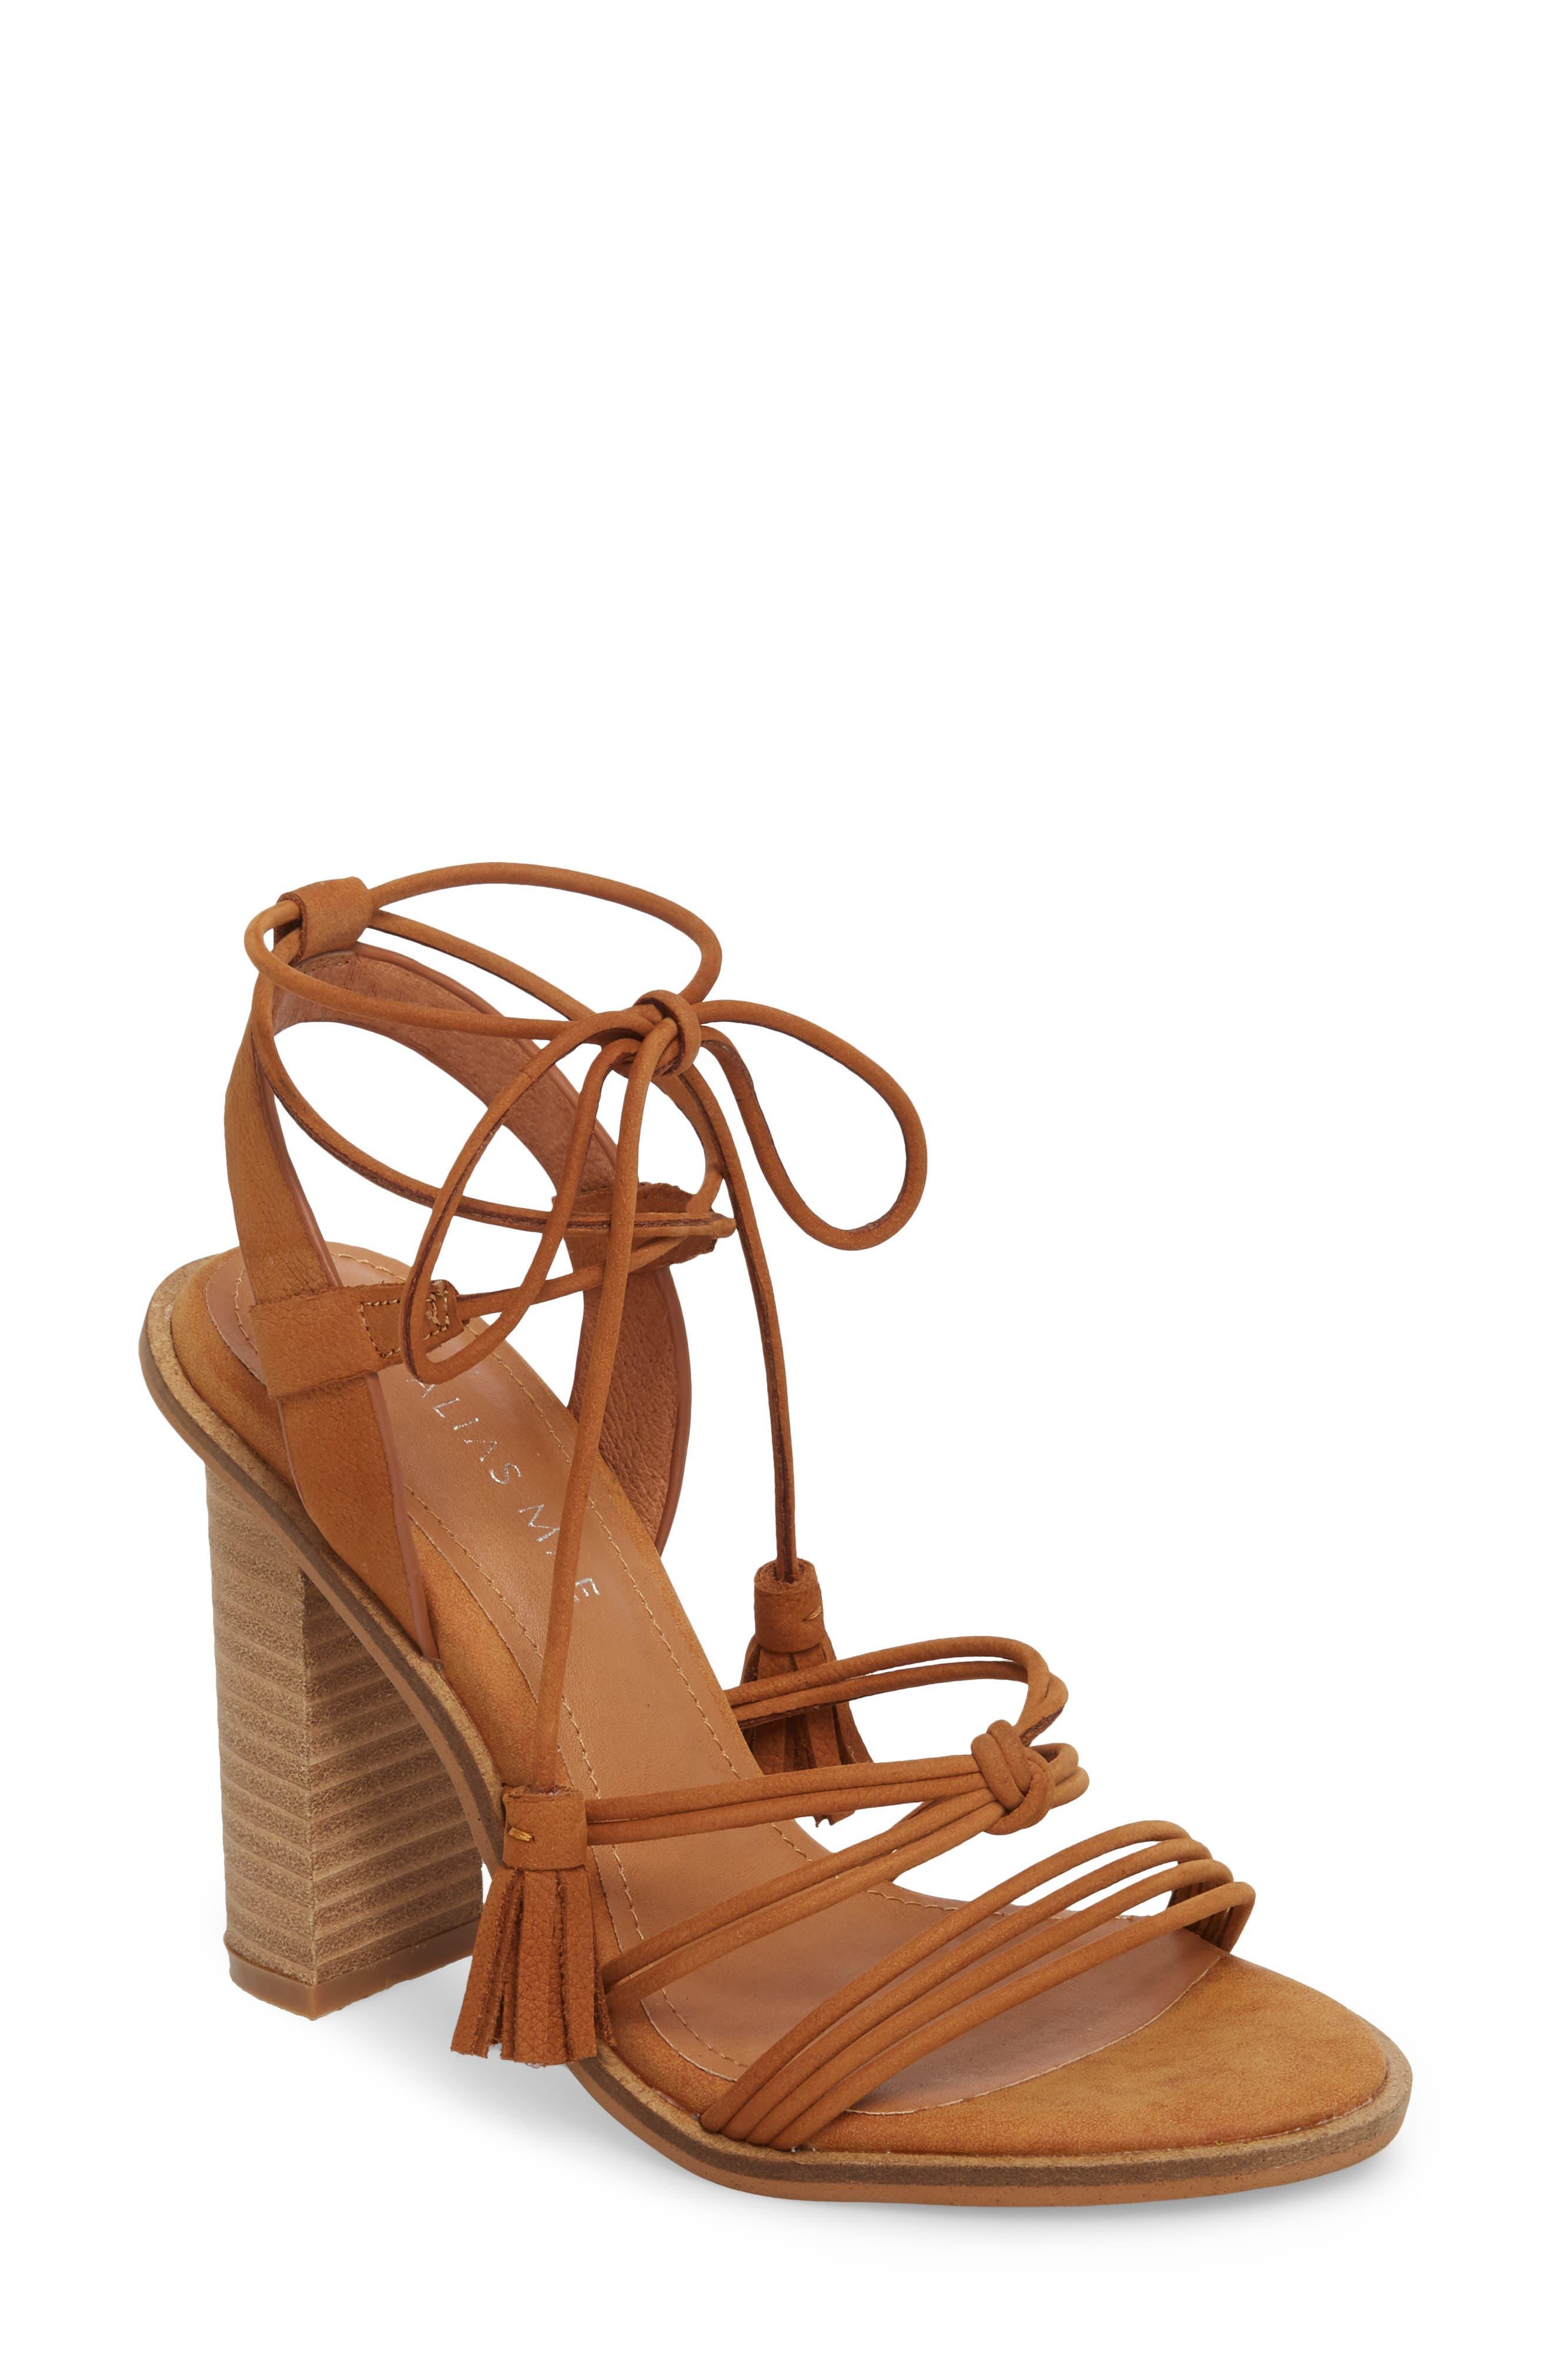 Adagio Sandal,                             Main thumbnail 1, color,                             Tan Leather